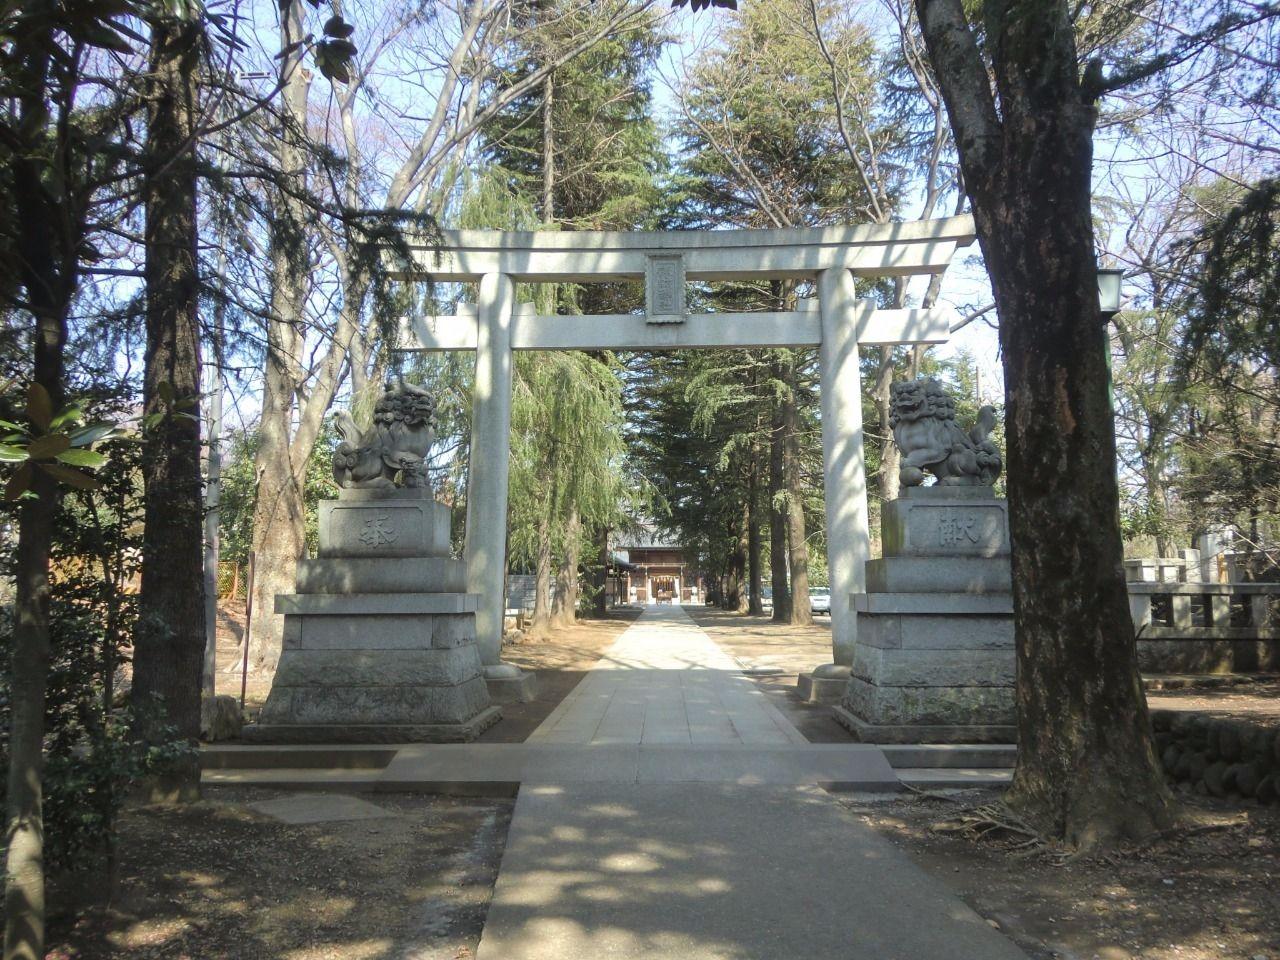 夏には例大祭で盛り上がる由緒ある神社、パルフェ柴崎から「約370m」